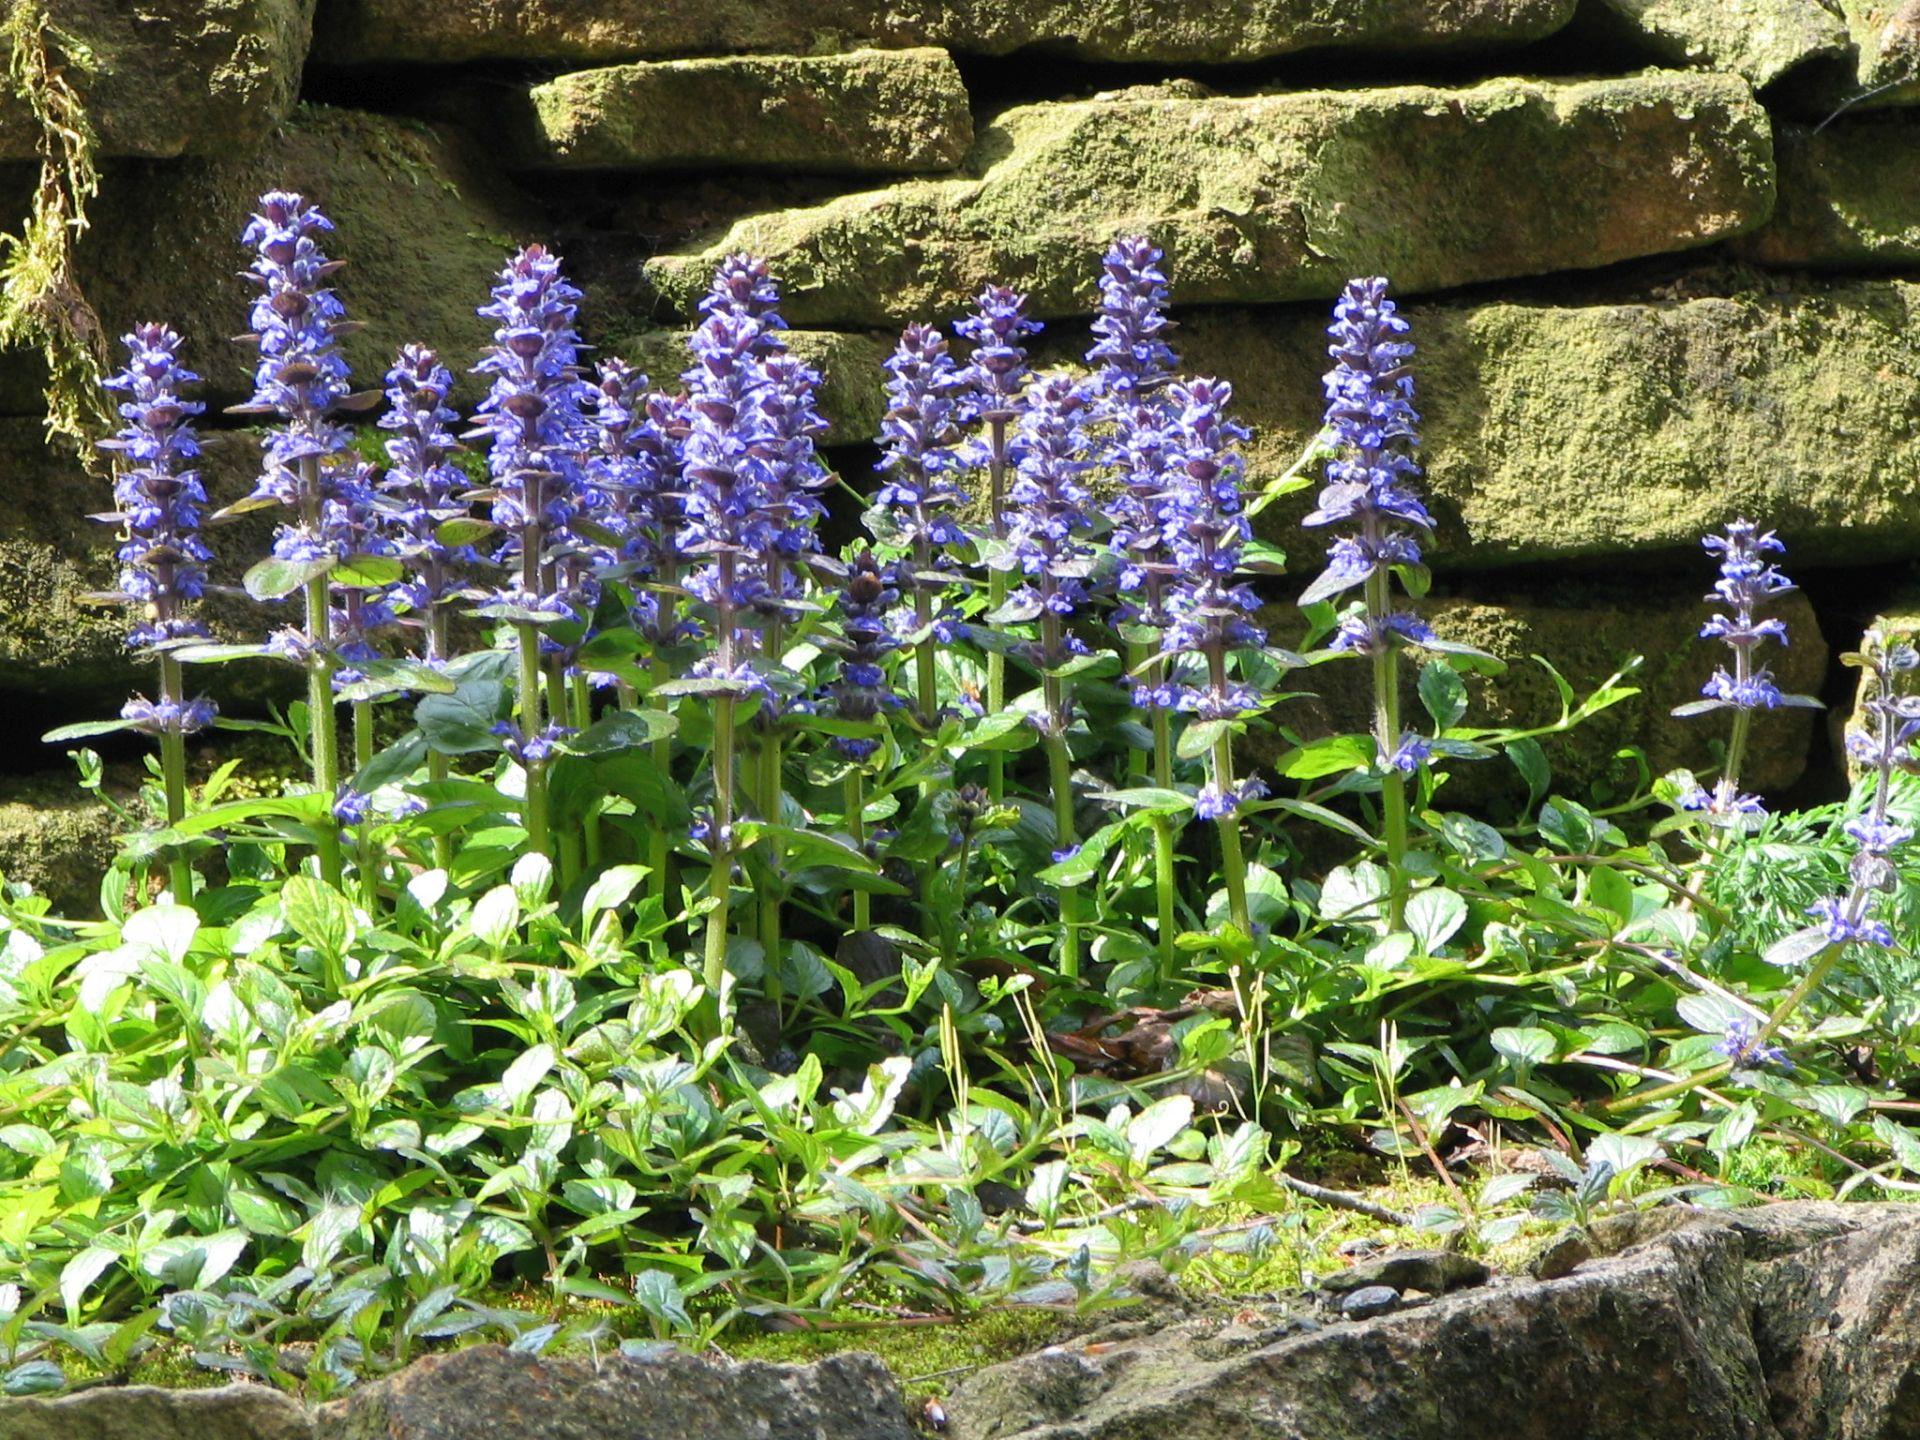 Lieblings Uferpflanzen | Teichpflanzen & Teichbau #NC_08